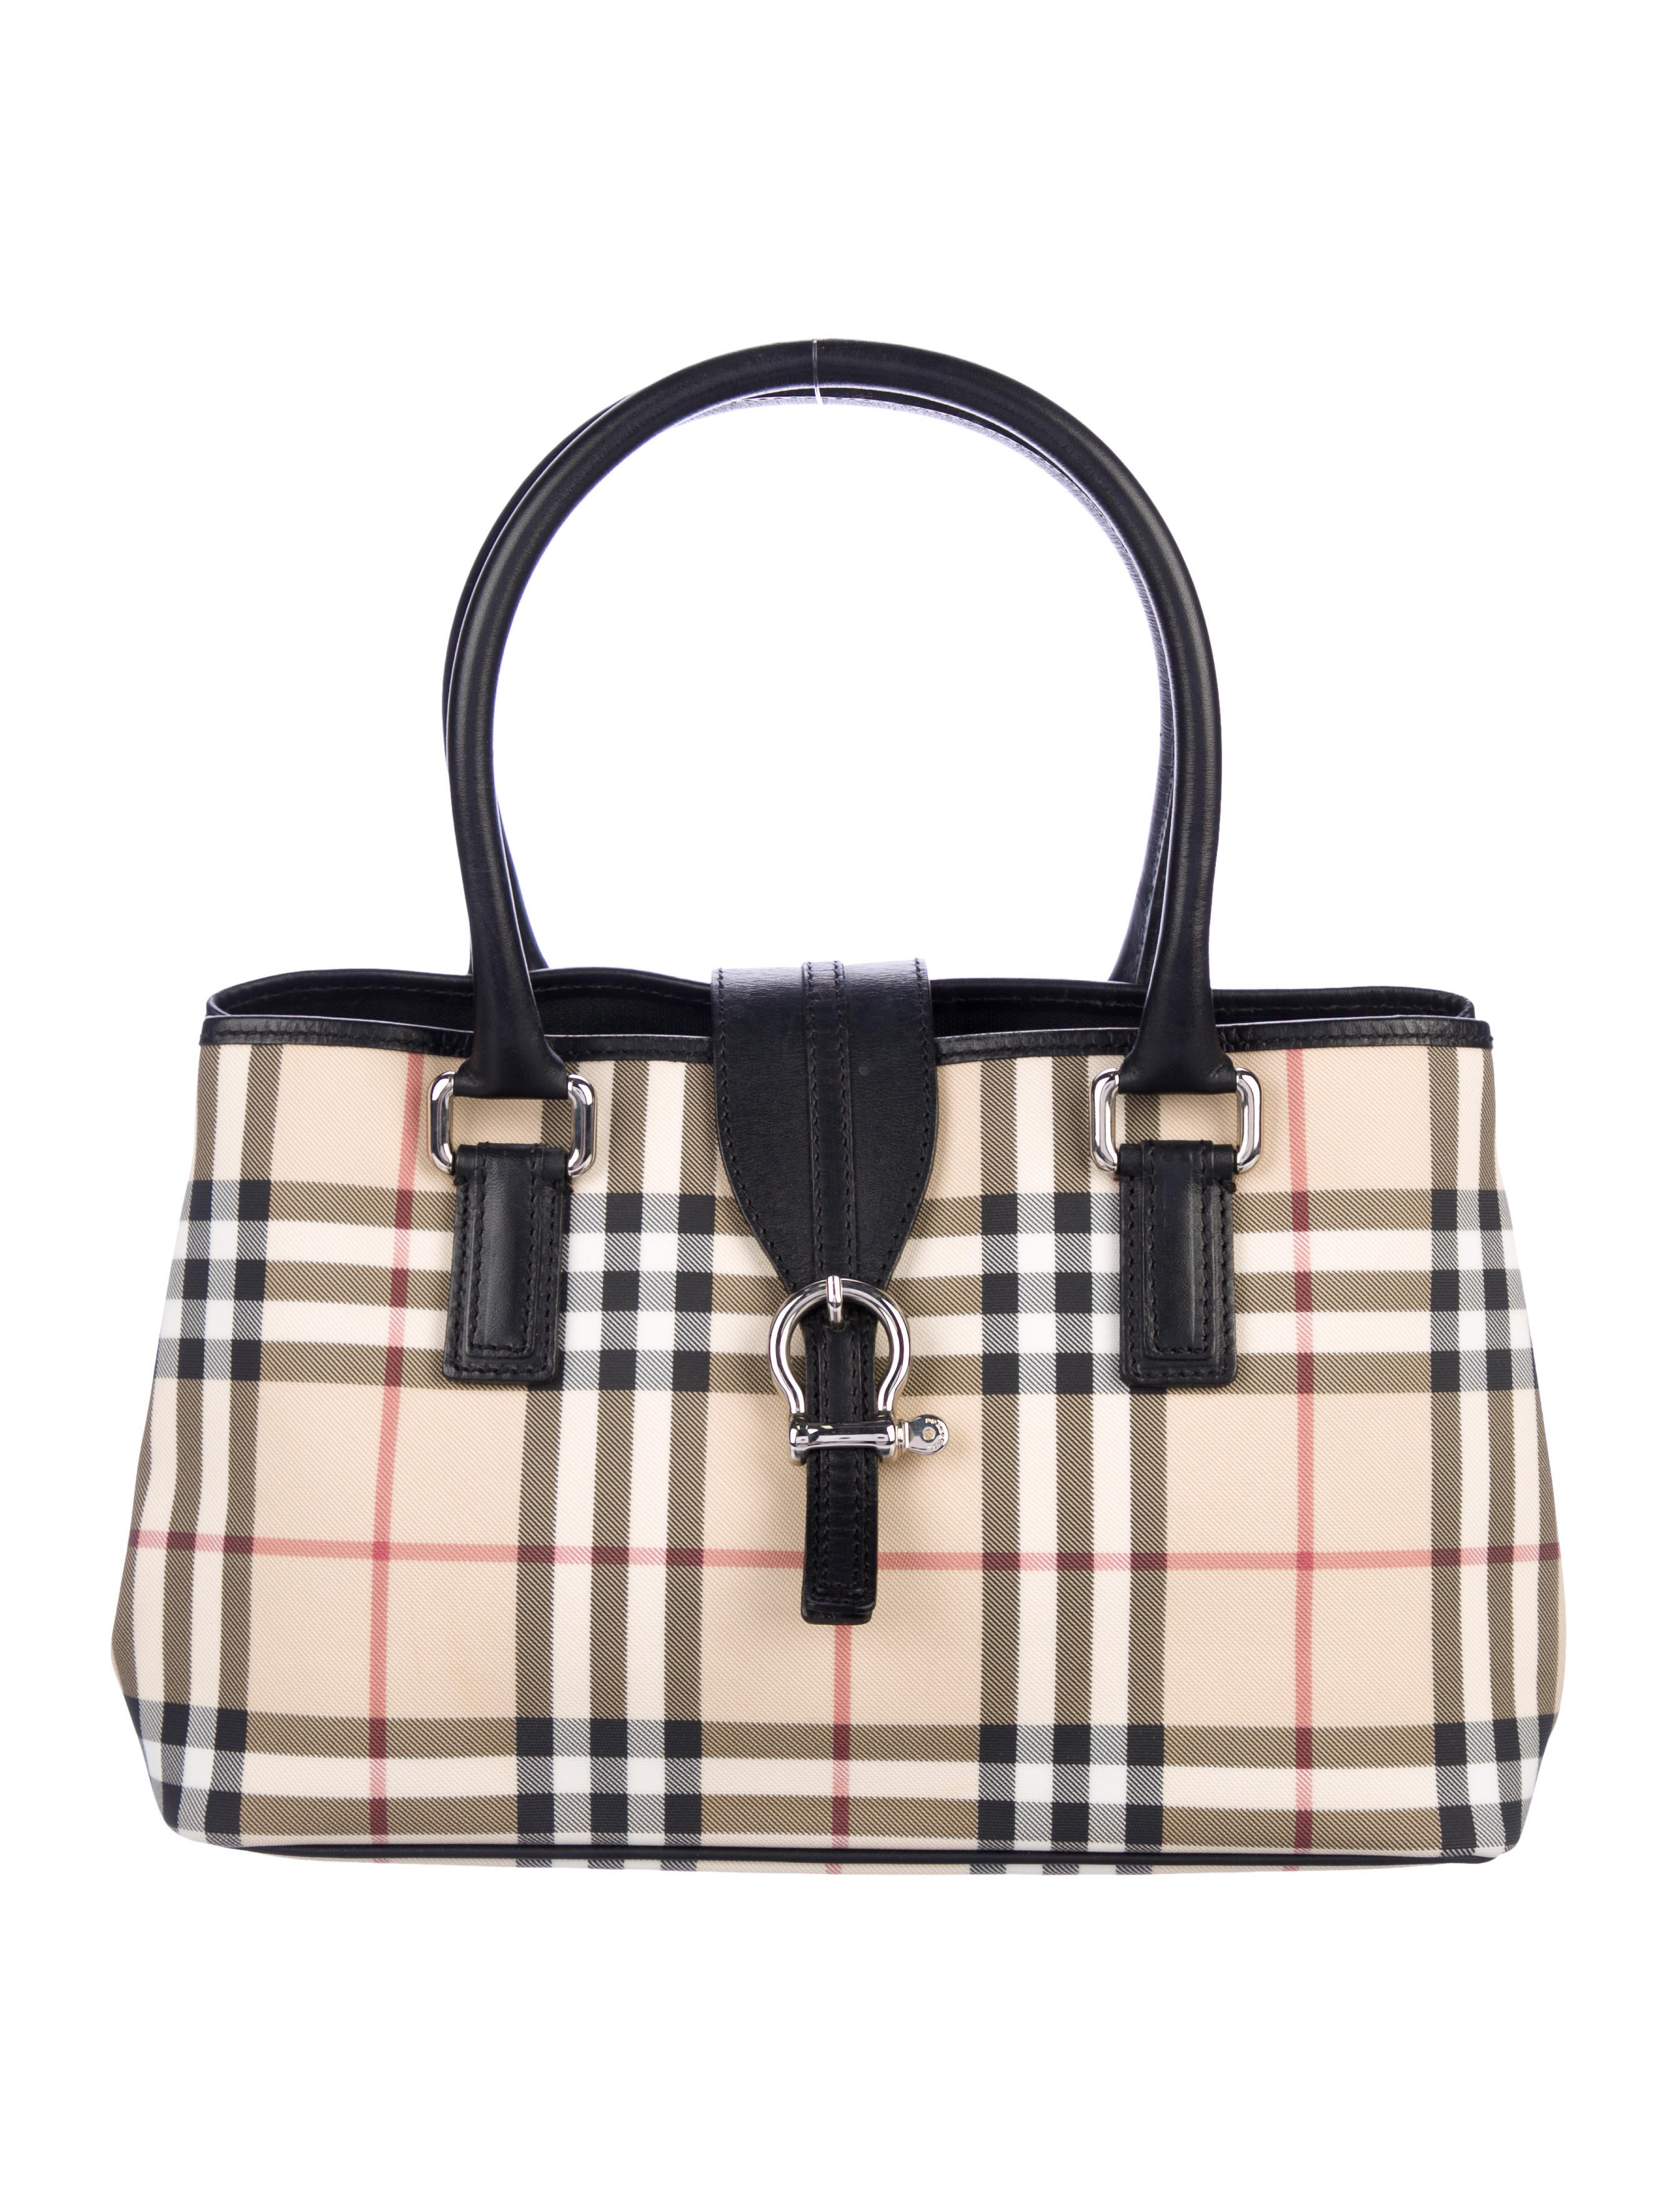 0a1aaf9970a9 Burberry Nova Check Regent Tote - Handbags - BUR125344